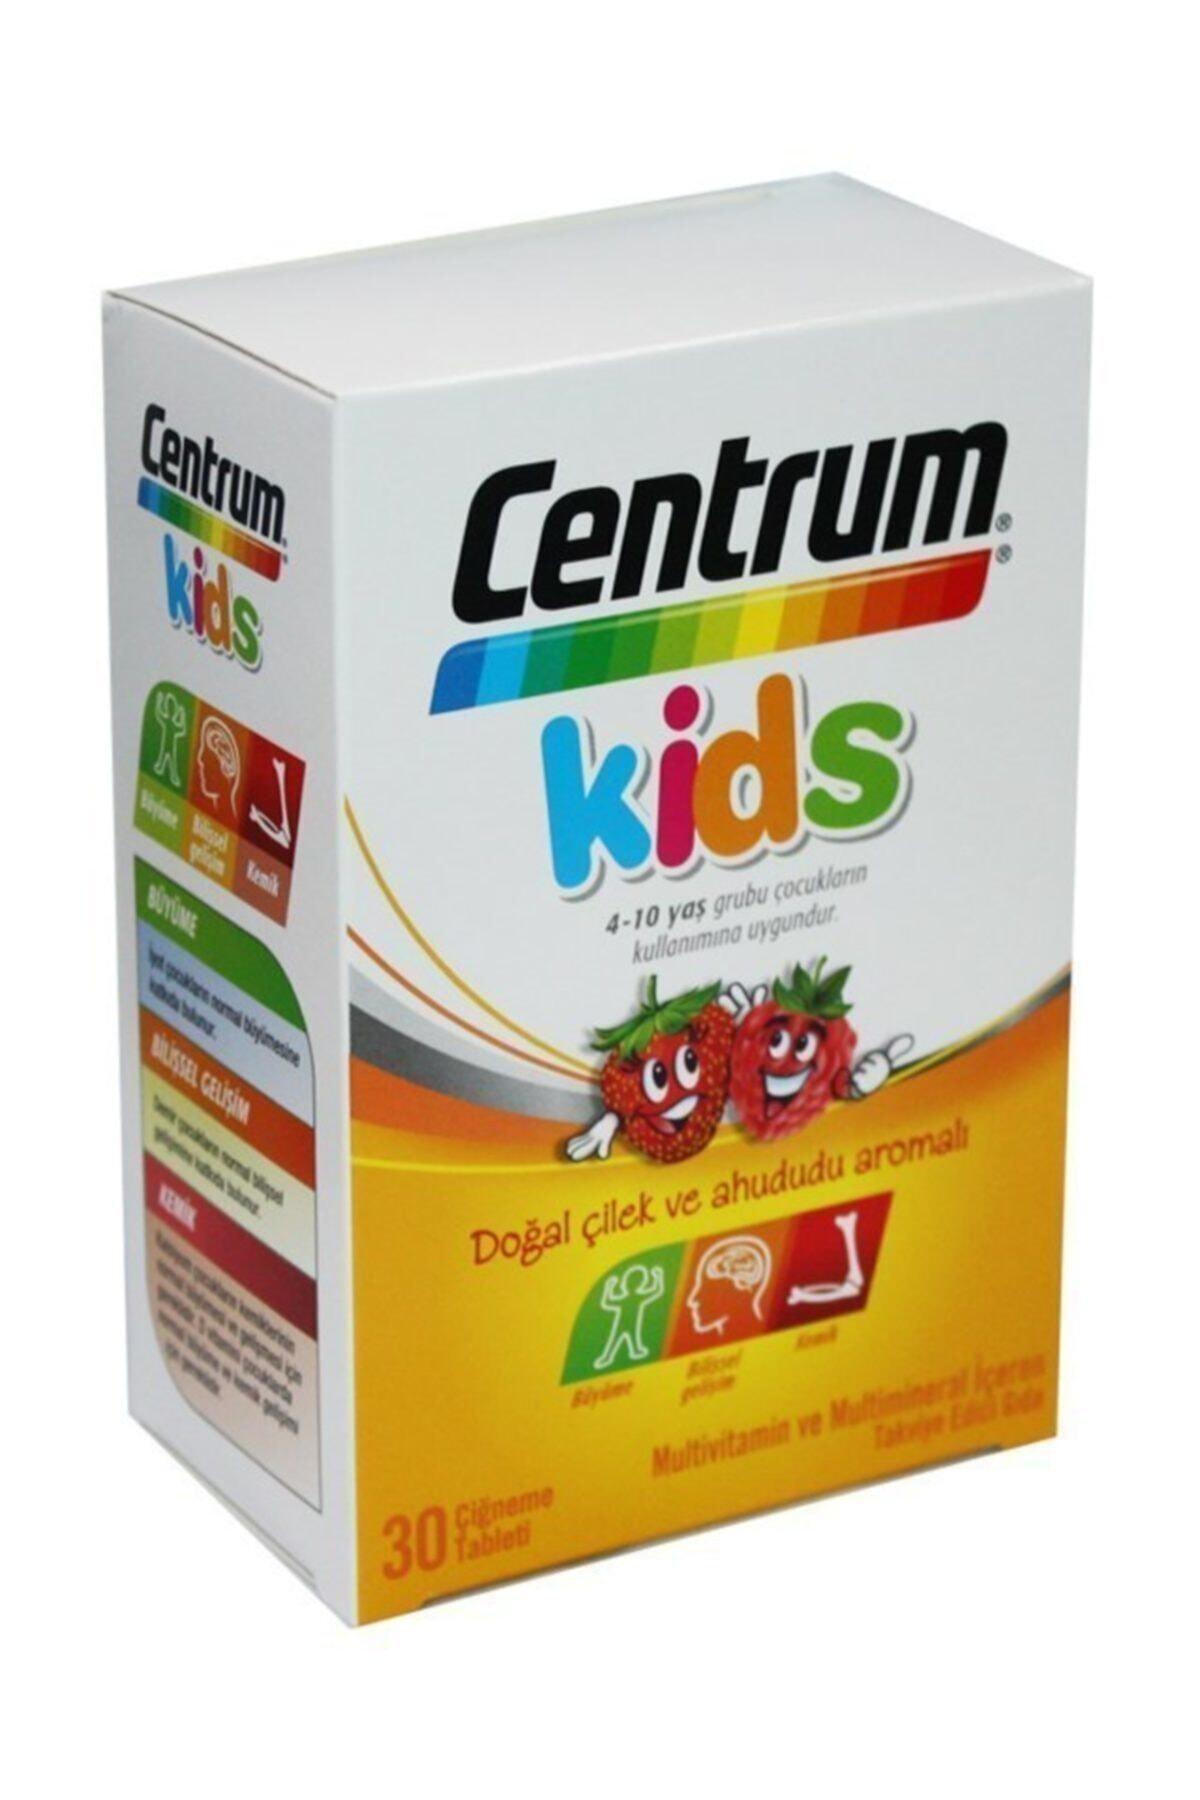 Centrum Unisex Çocuk Kids 30 Çiğneme Tableti 4-10 Yaş 30tablet 1